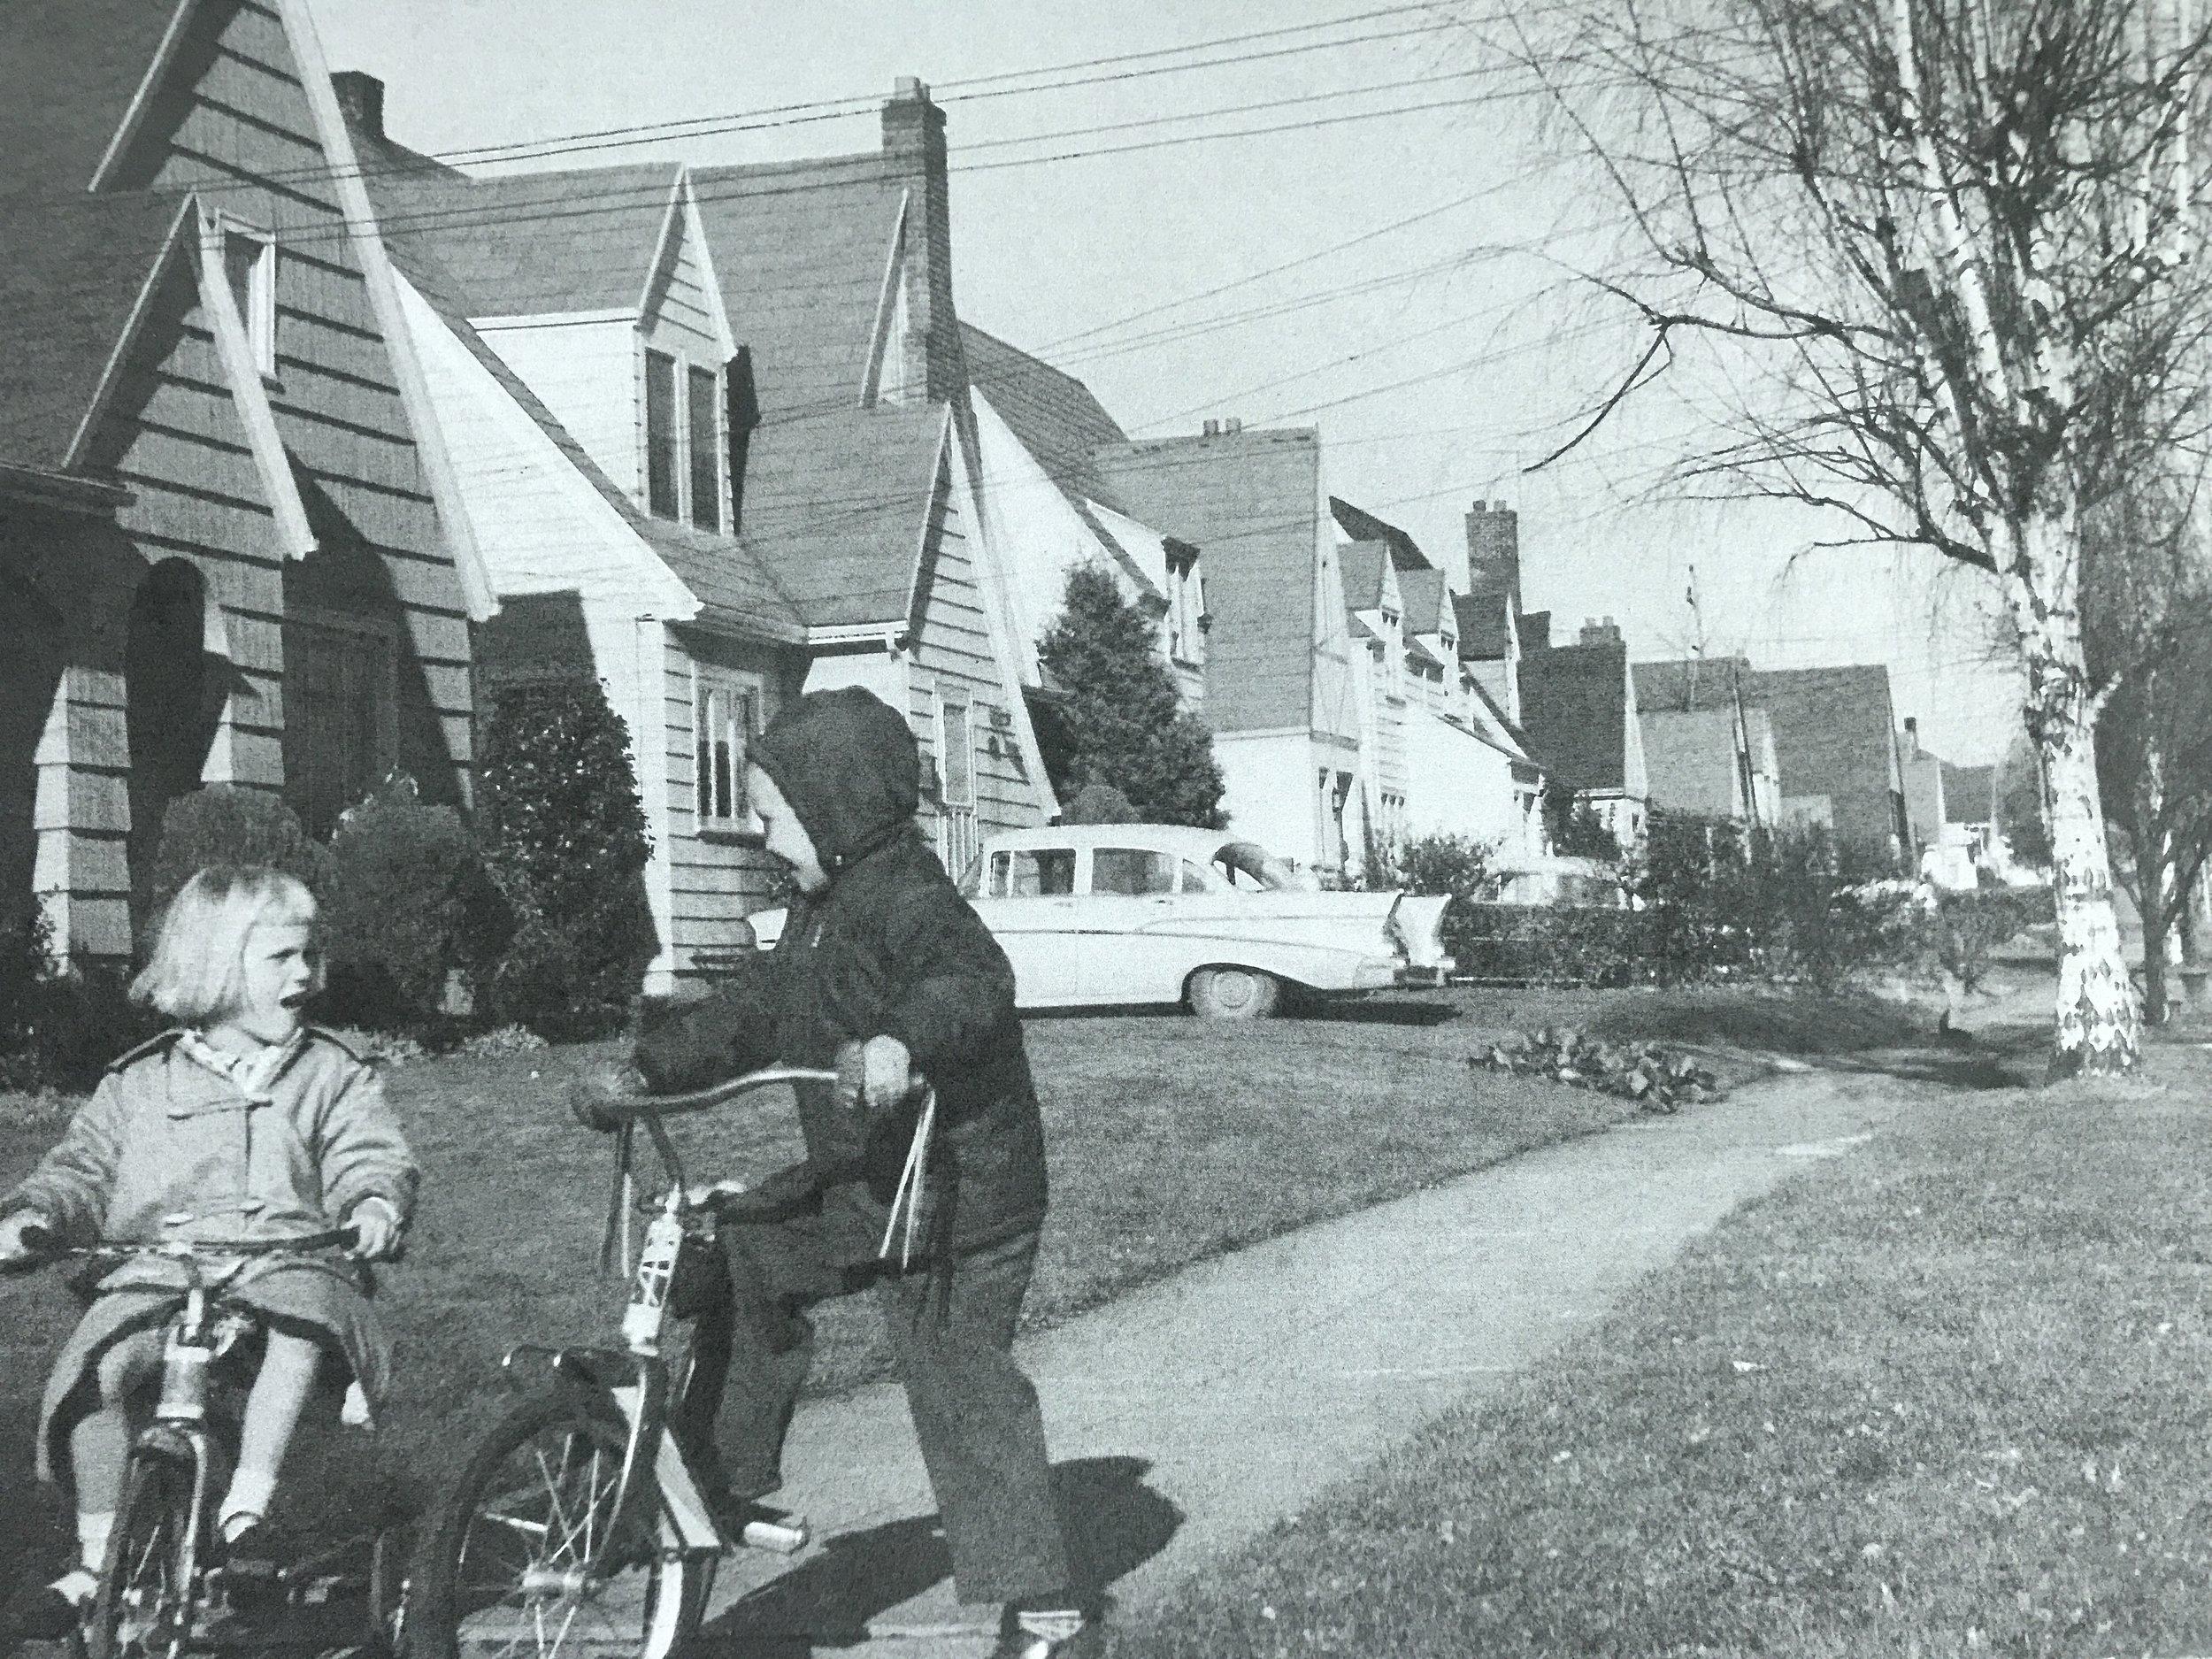 Peacock Lane, 1958